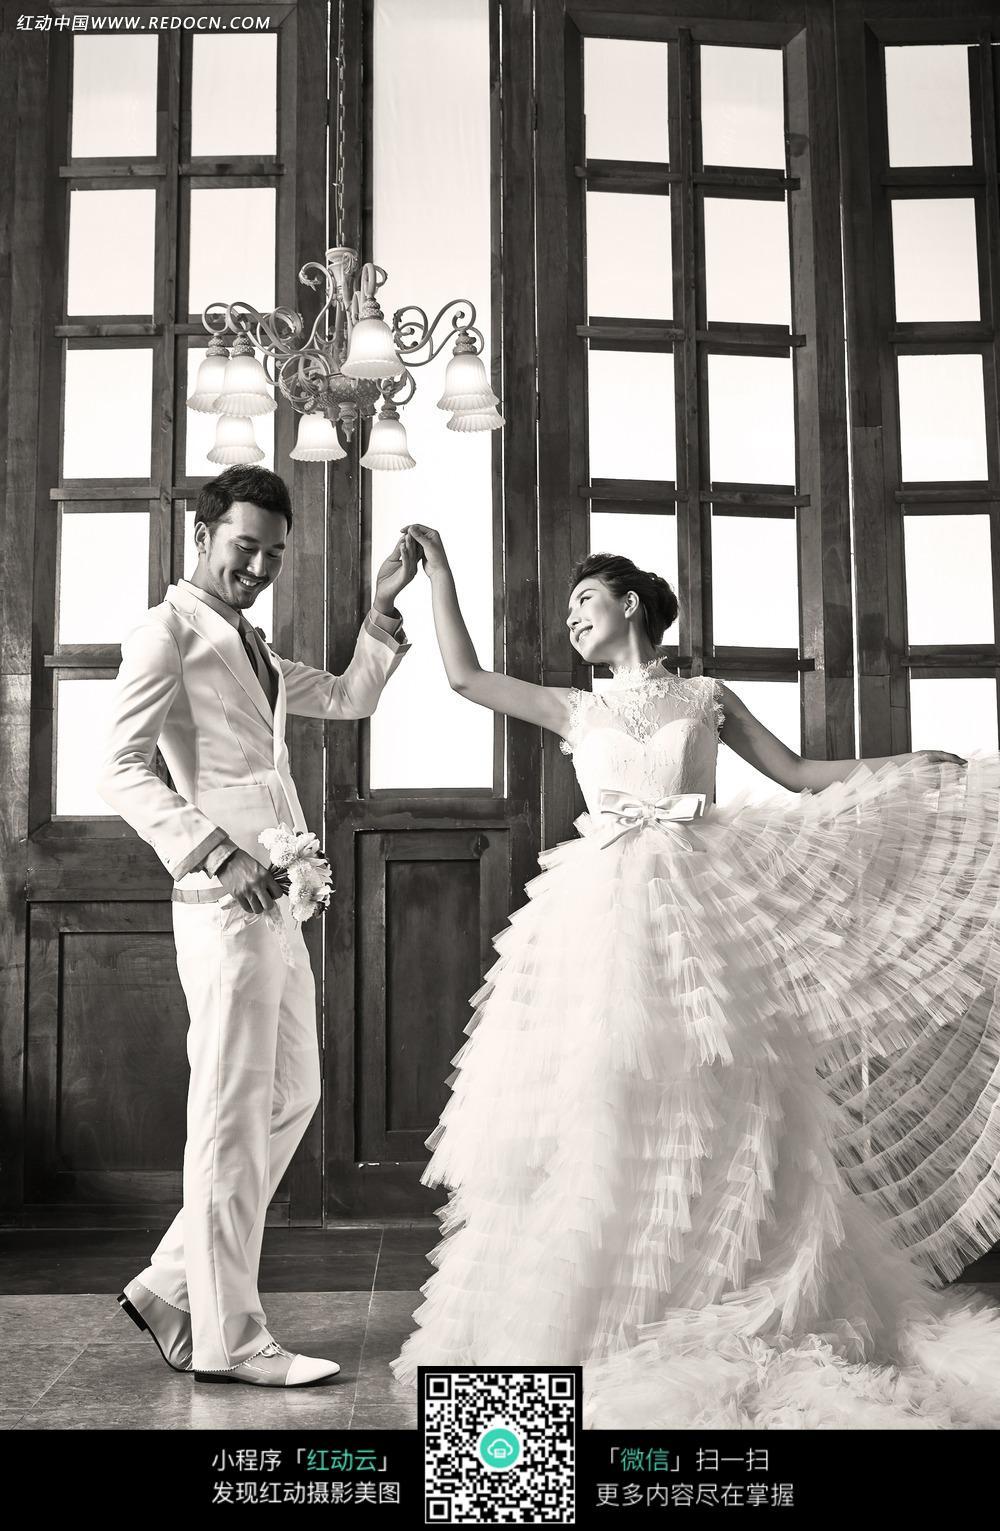 跳舞的情侣婚纱摄影